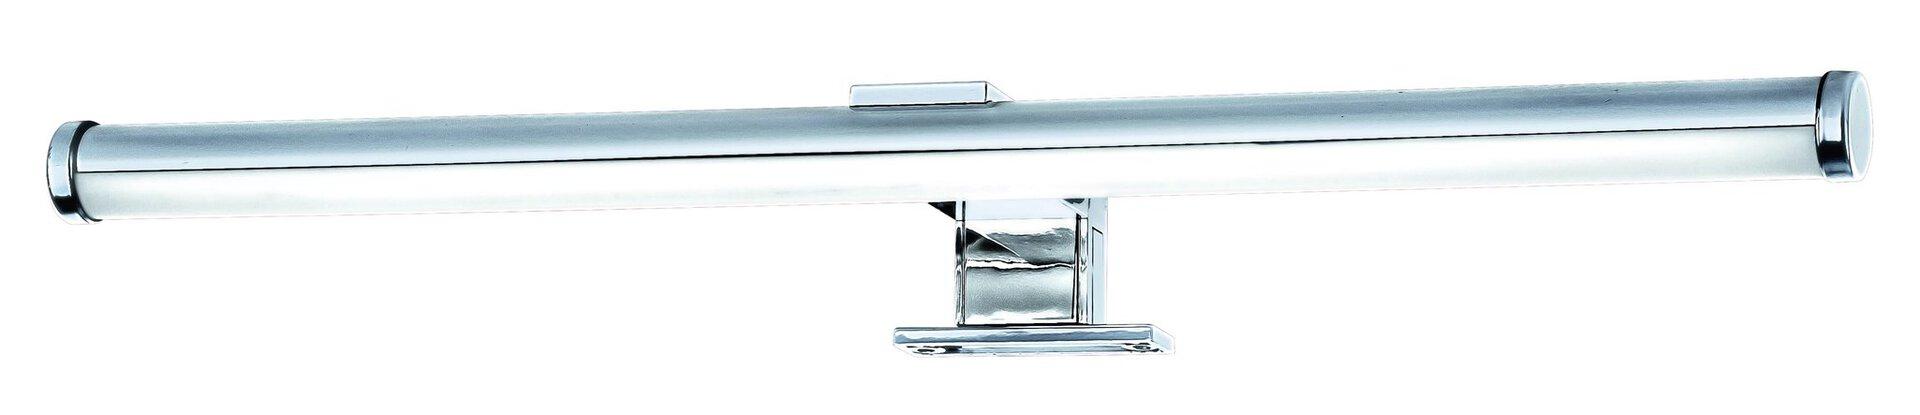 Spiegelleuchte Brilo Bath Briloner Metall silber 9 x 4 x 40 cm